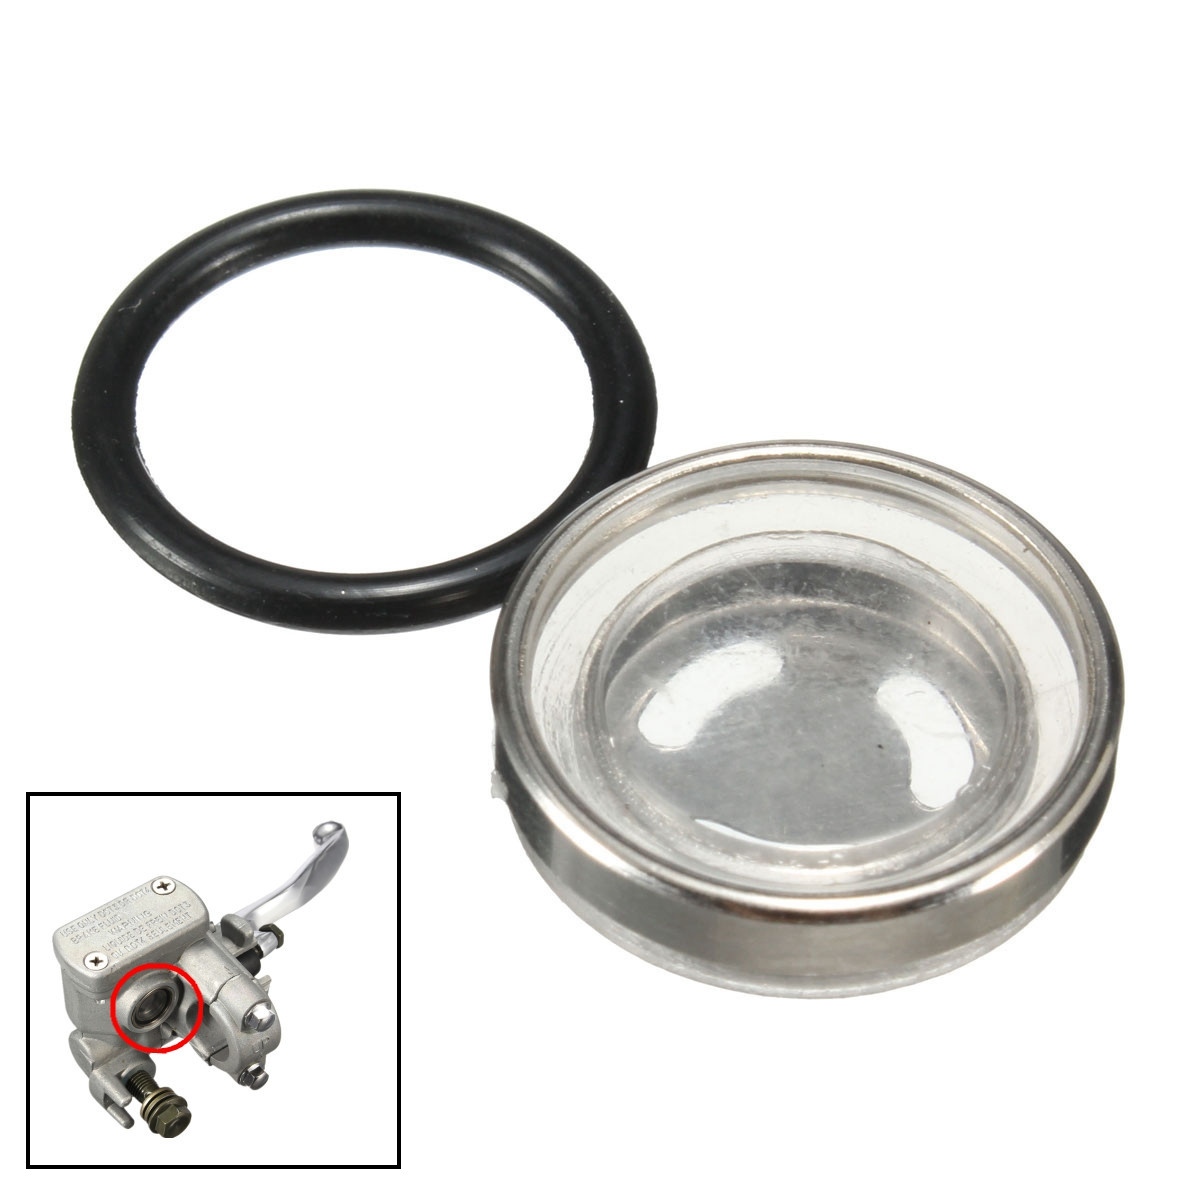 18mm Master Brake Cylinder Reservoir Sight Glass Motorcycle Dirt Bike Gasket